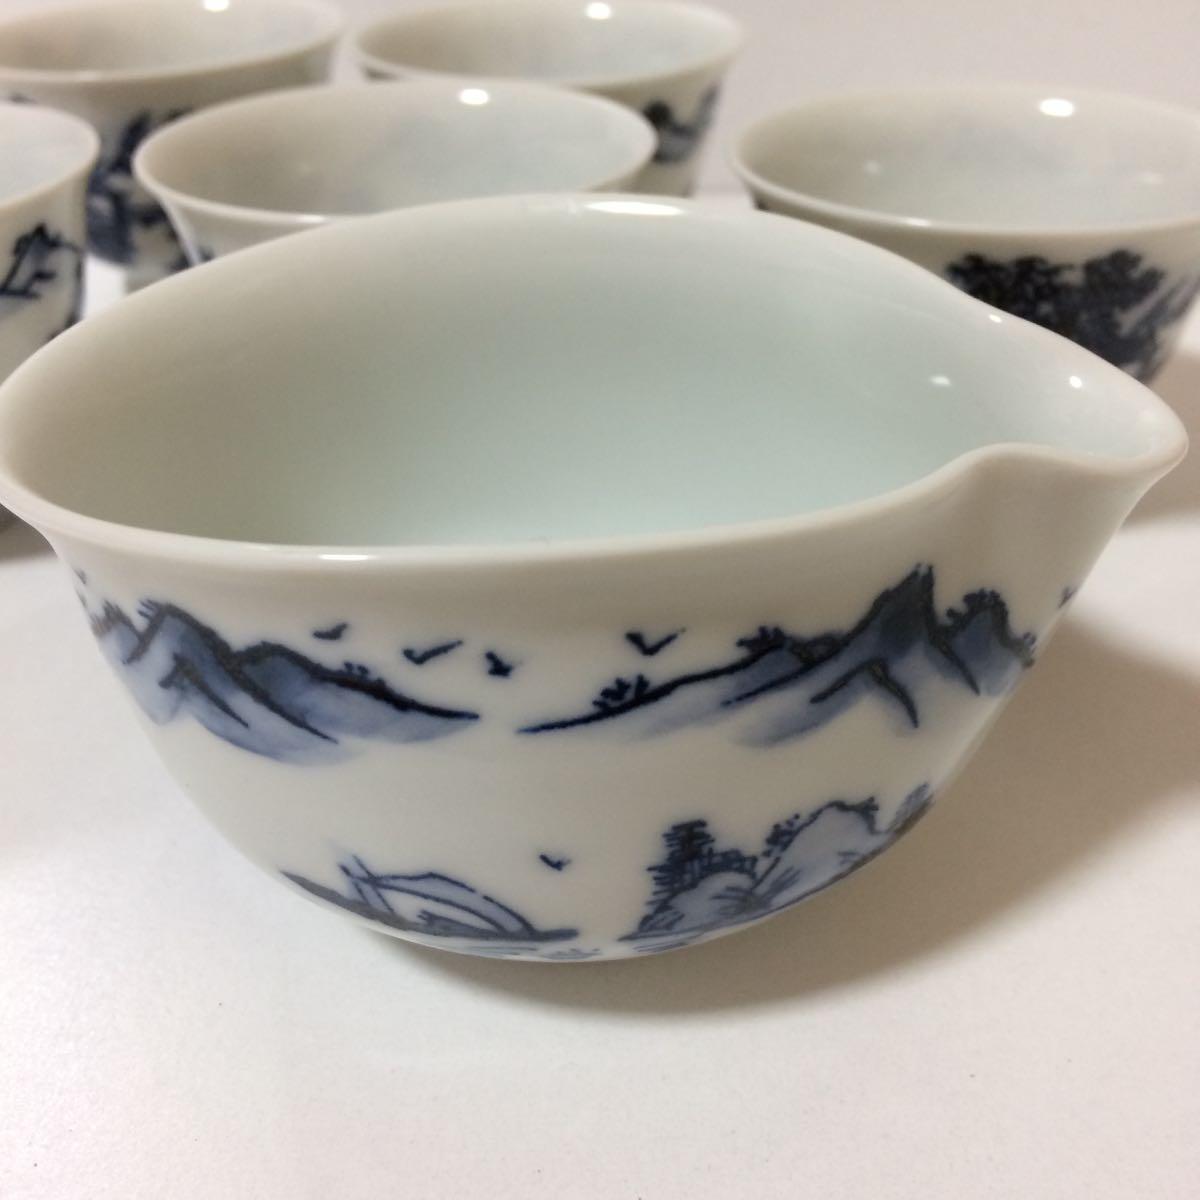 未使用 平安白鳳 茶器 セット 茶碗5客揃い 煎茶道具 煎茶器_画像9